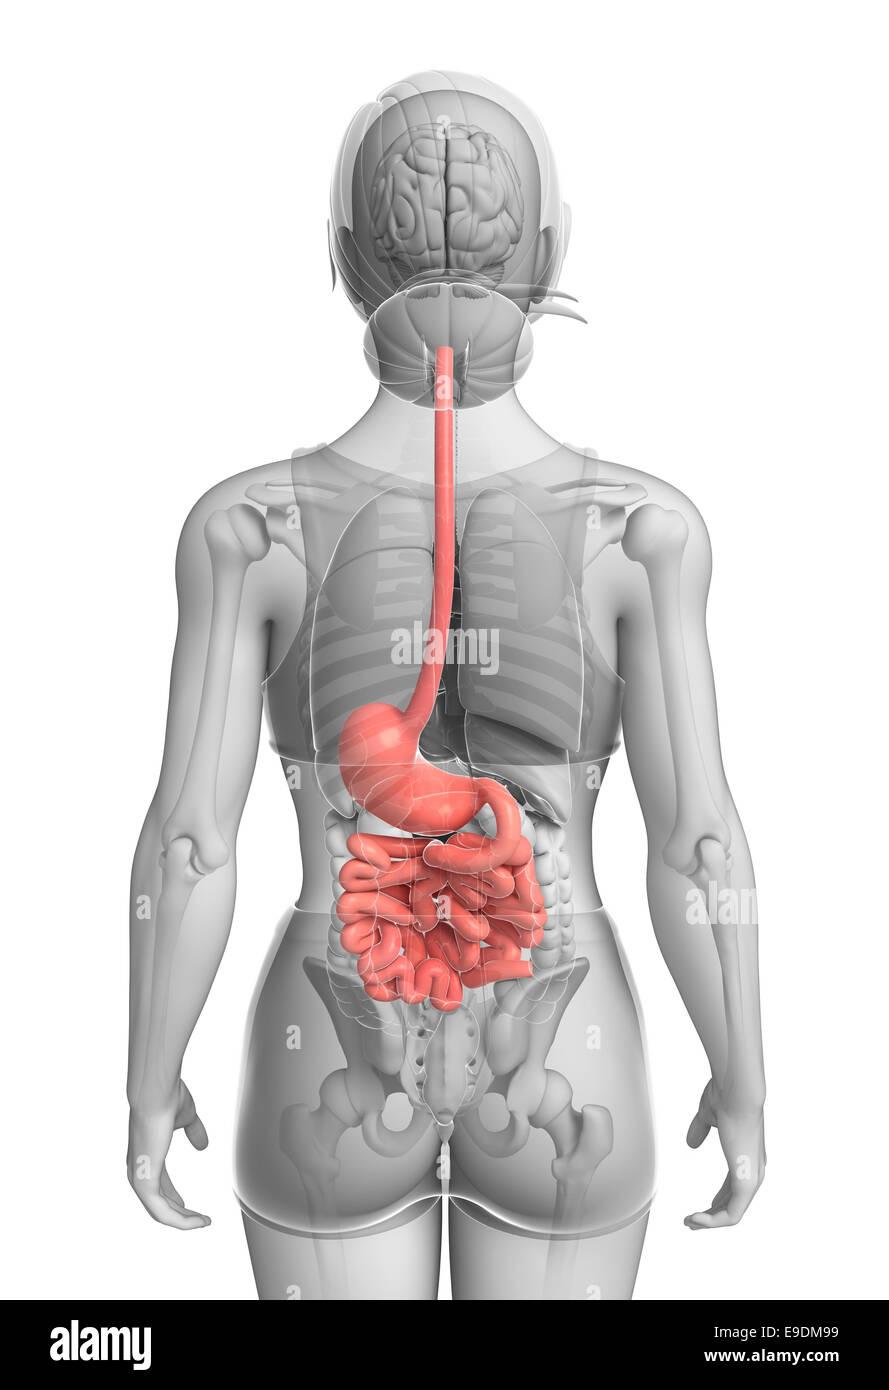 Darstellung der weiblichen Dünndarm Anatomie Stockfoto, Bild ...